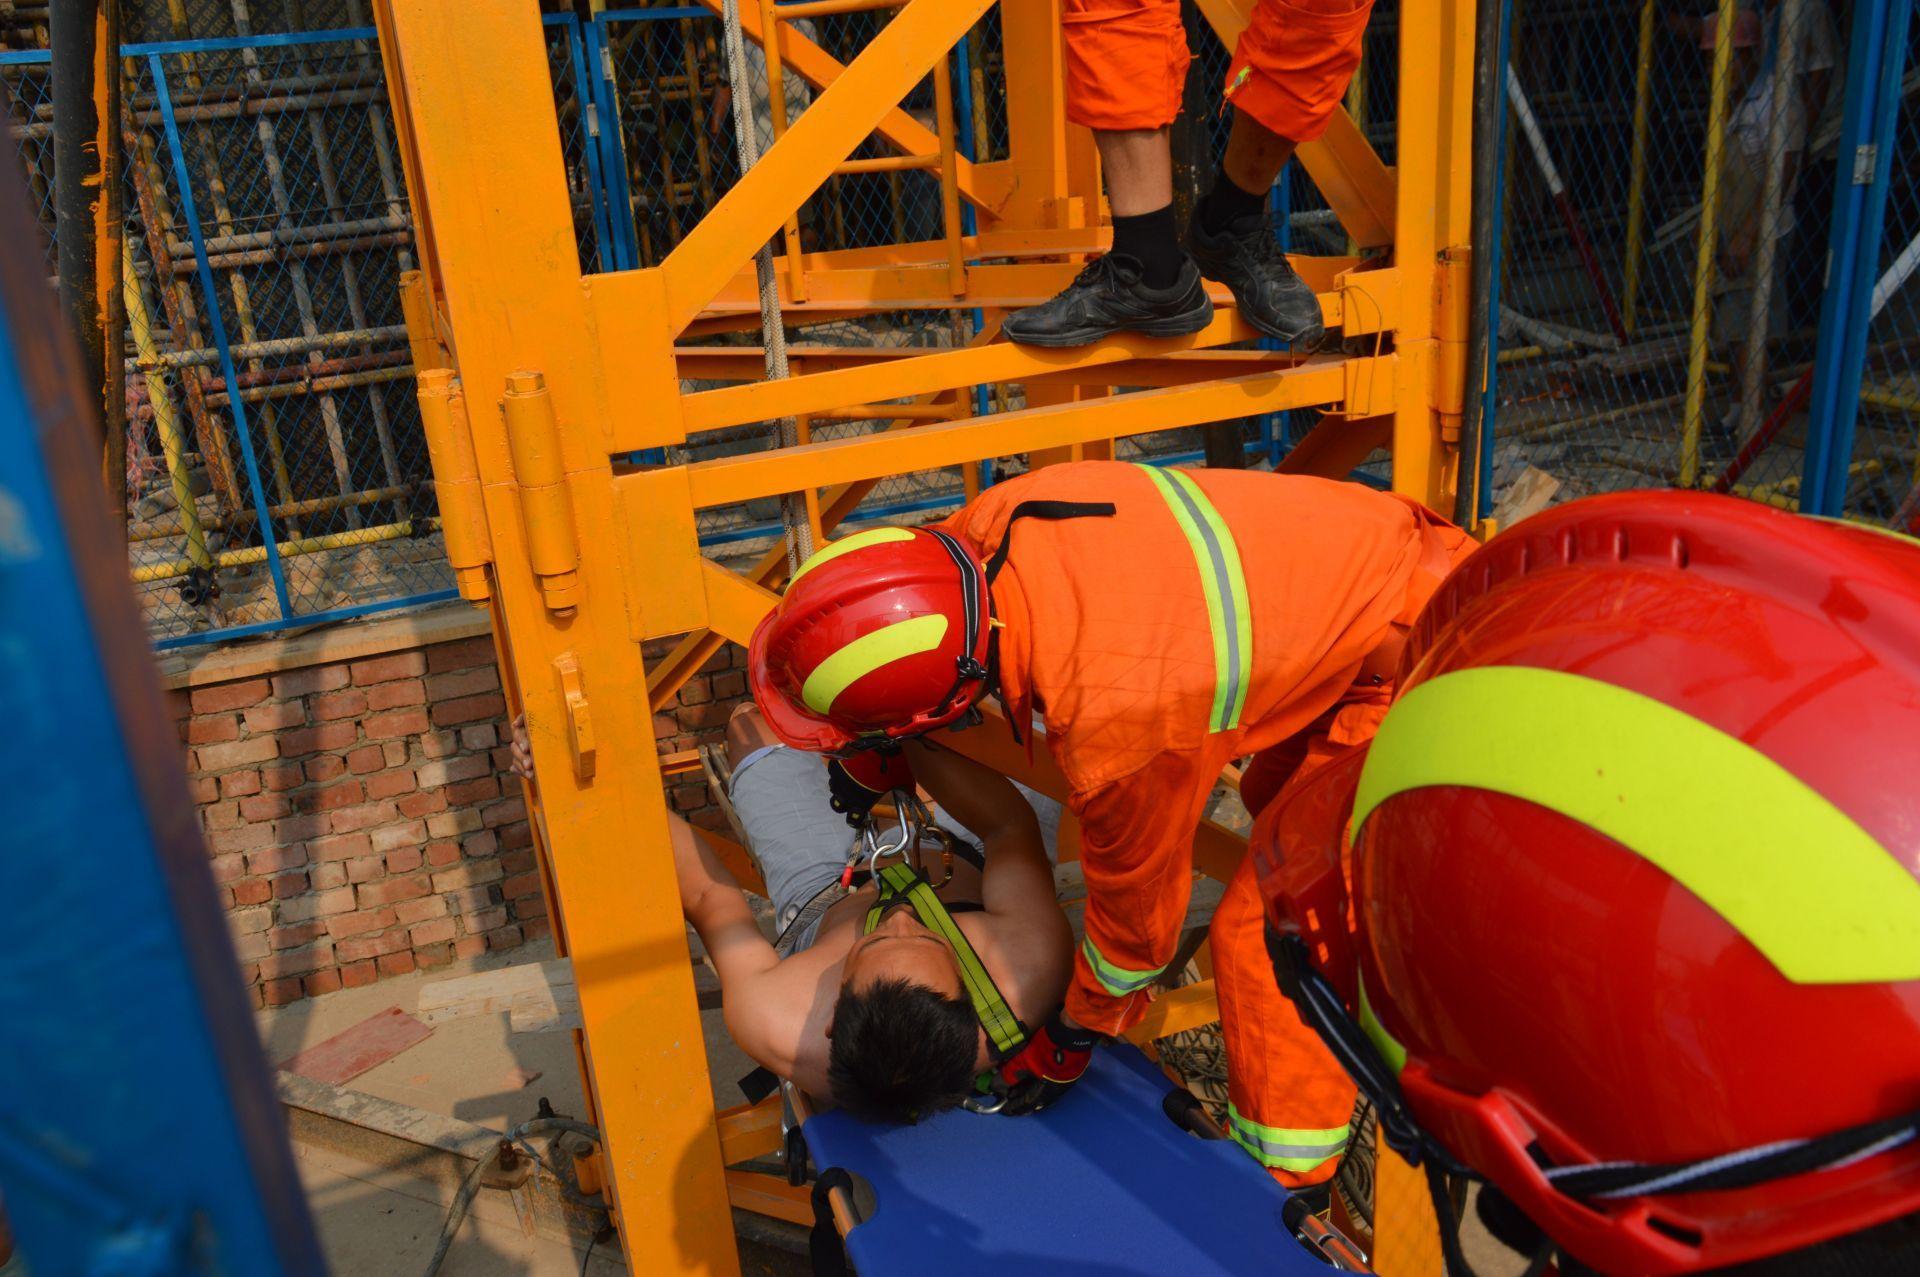 塔吊工人中暑昏迷 消防官兵紧急救援